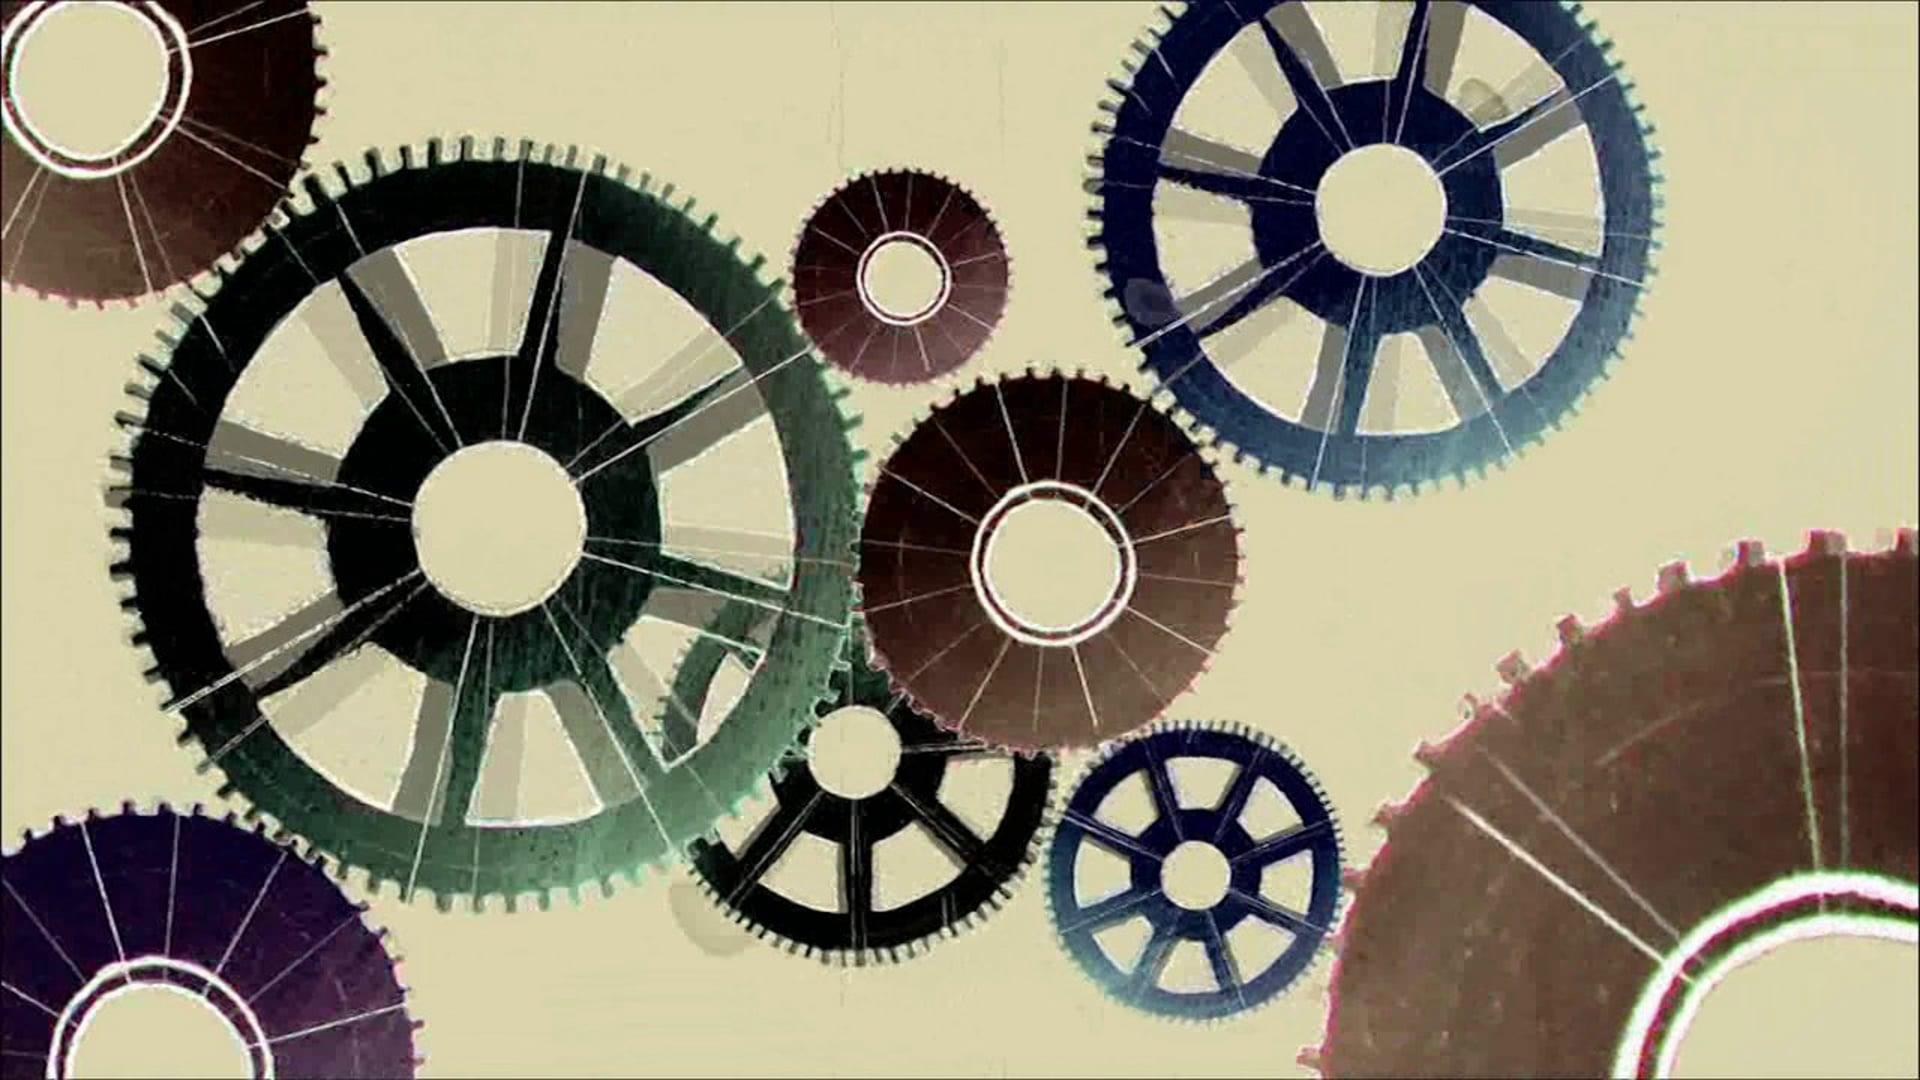 La Mecanique de la Vie By Gala Dittmar